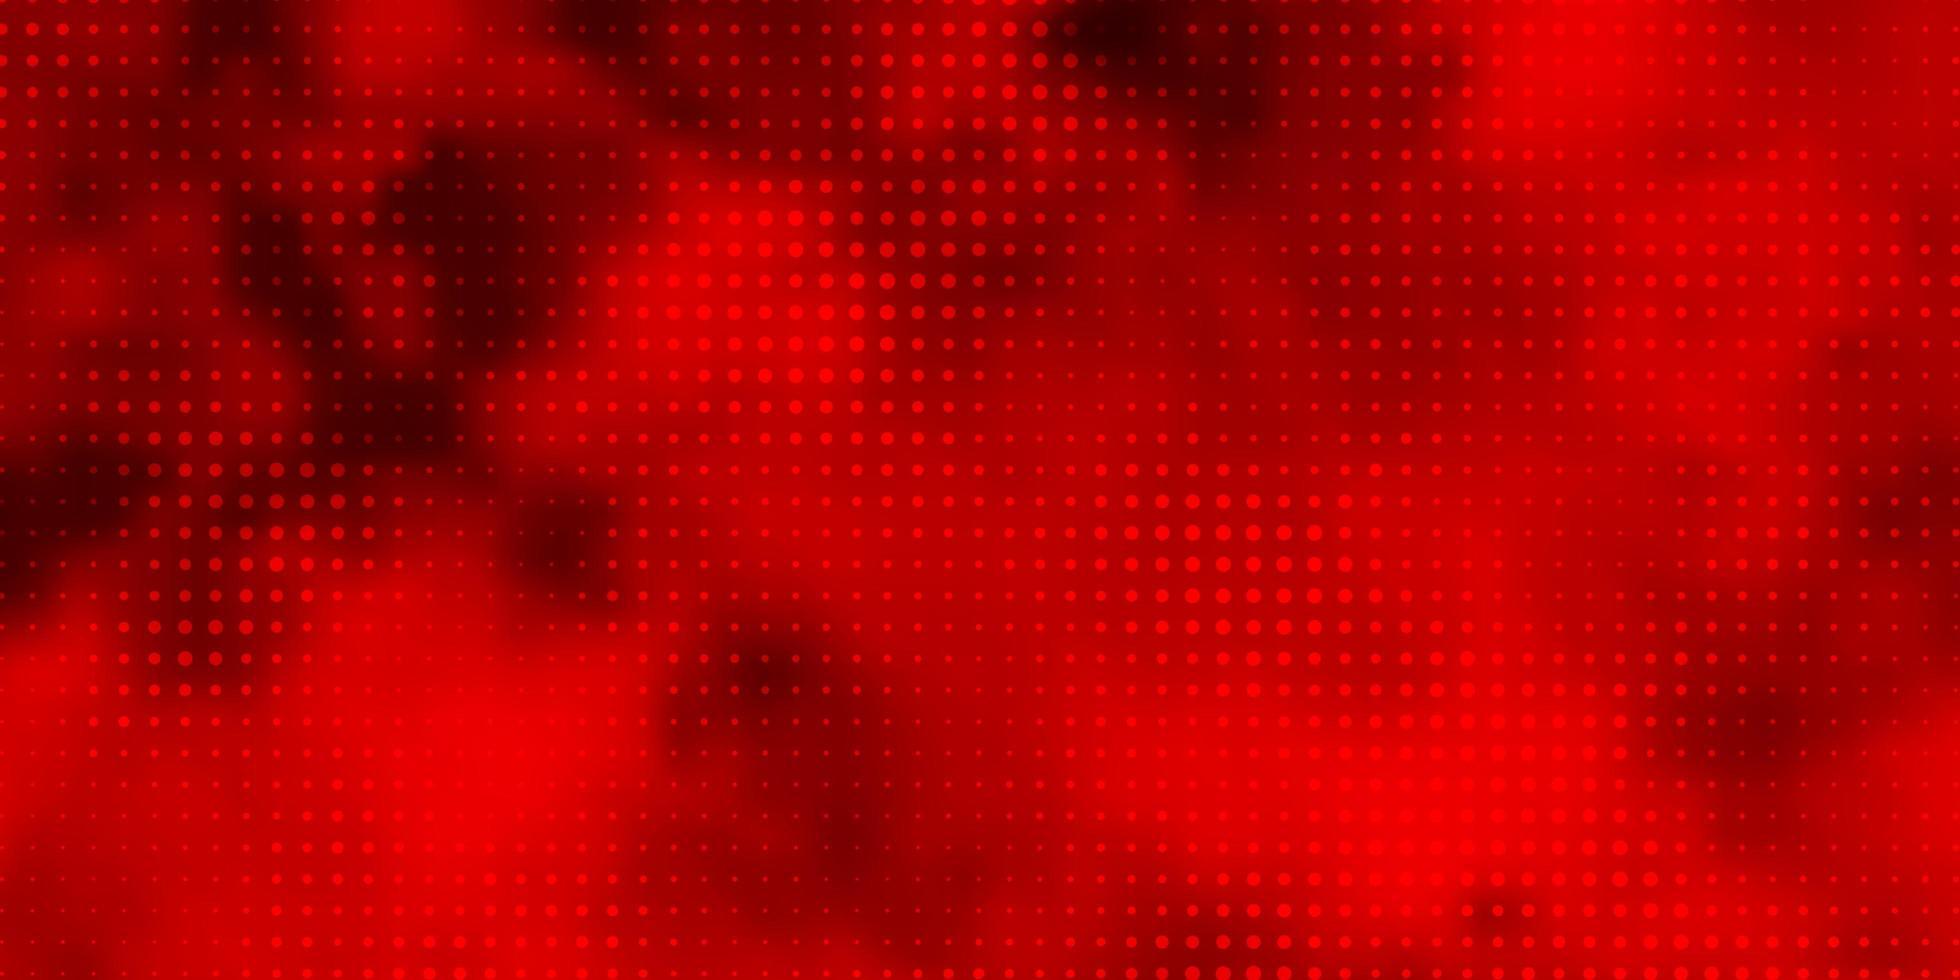 Fondo de vector rojo claro con círculos.